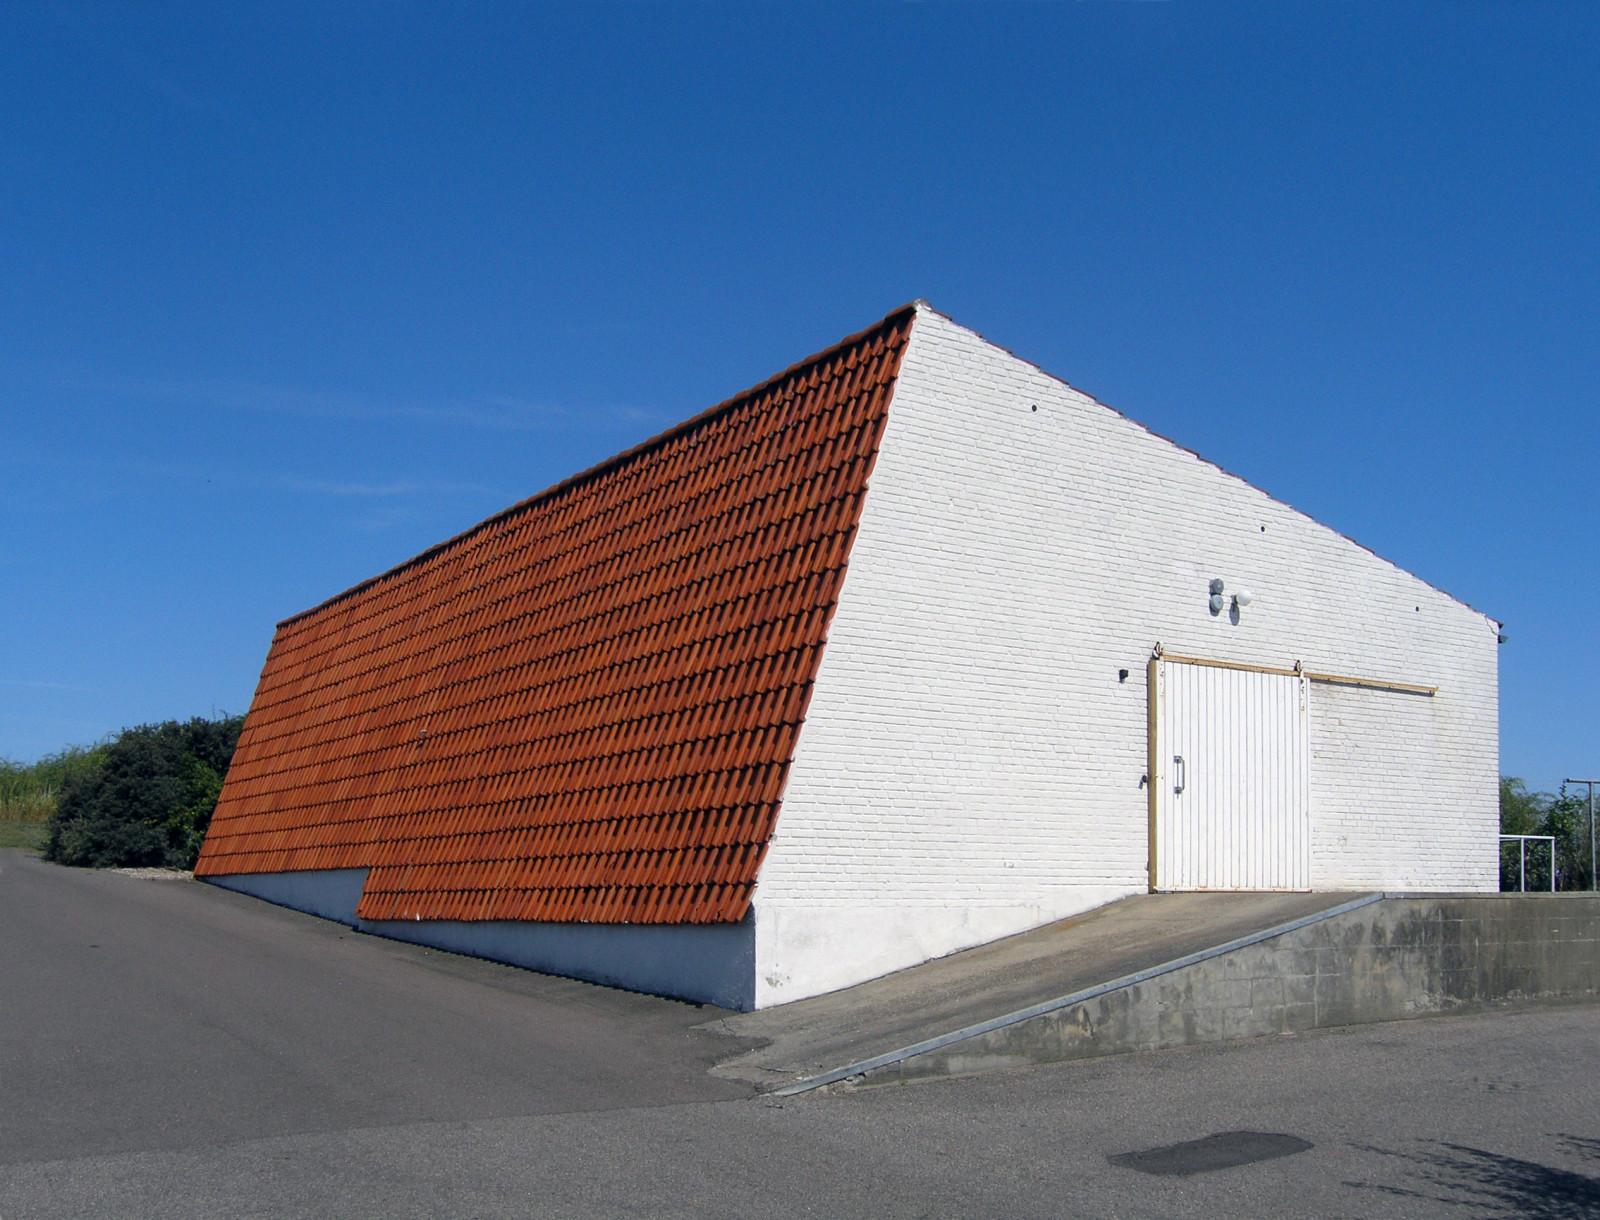 Fond D Ecran Fenetre Architecture Ciel Bois Maison